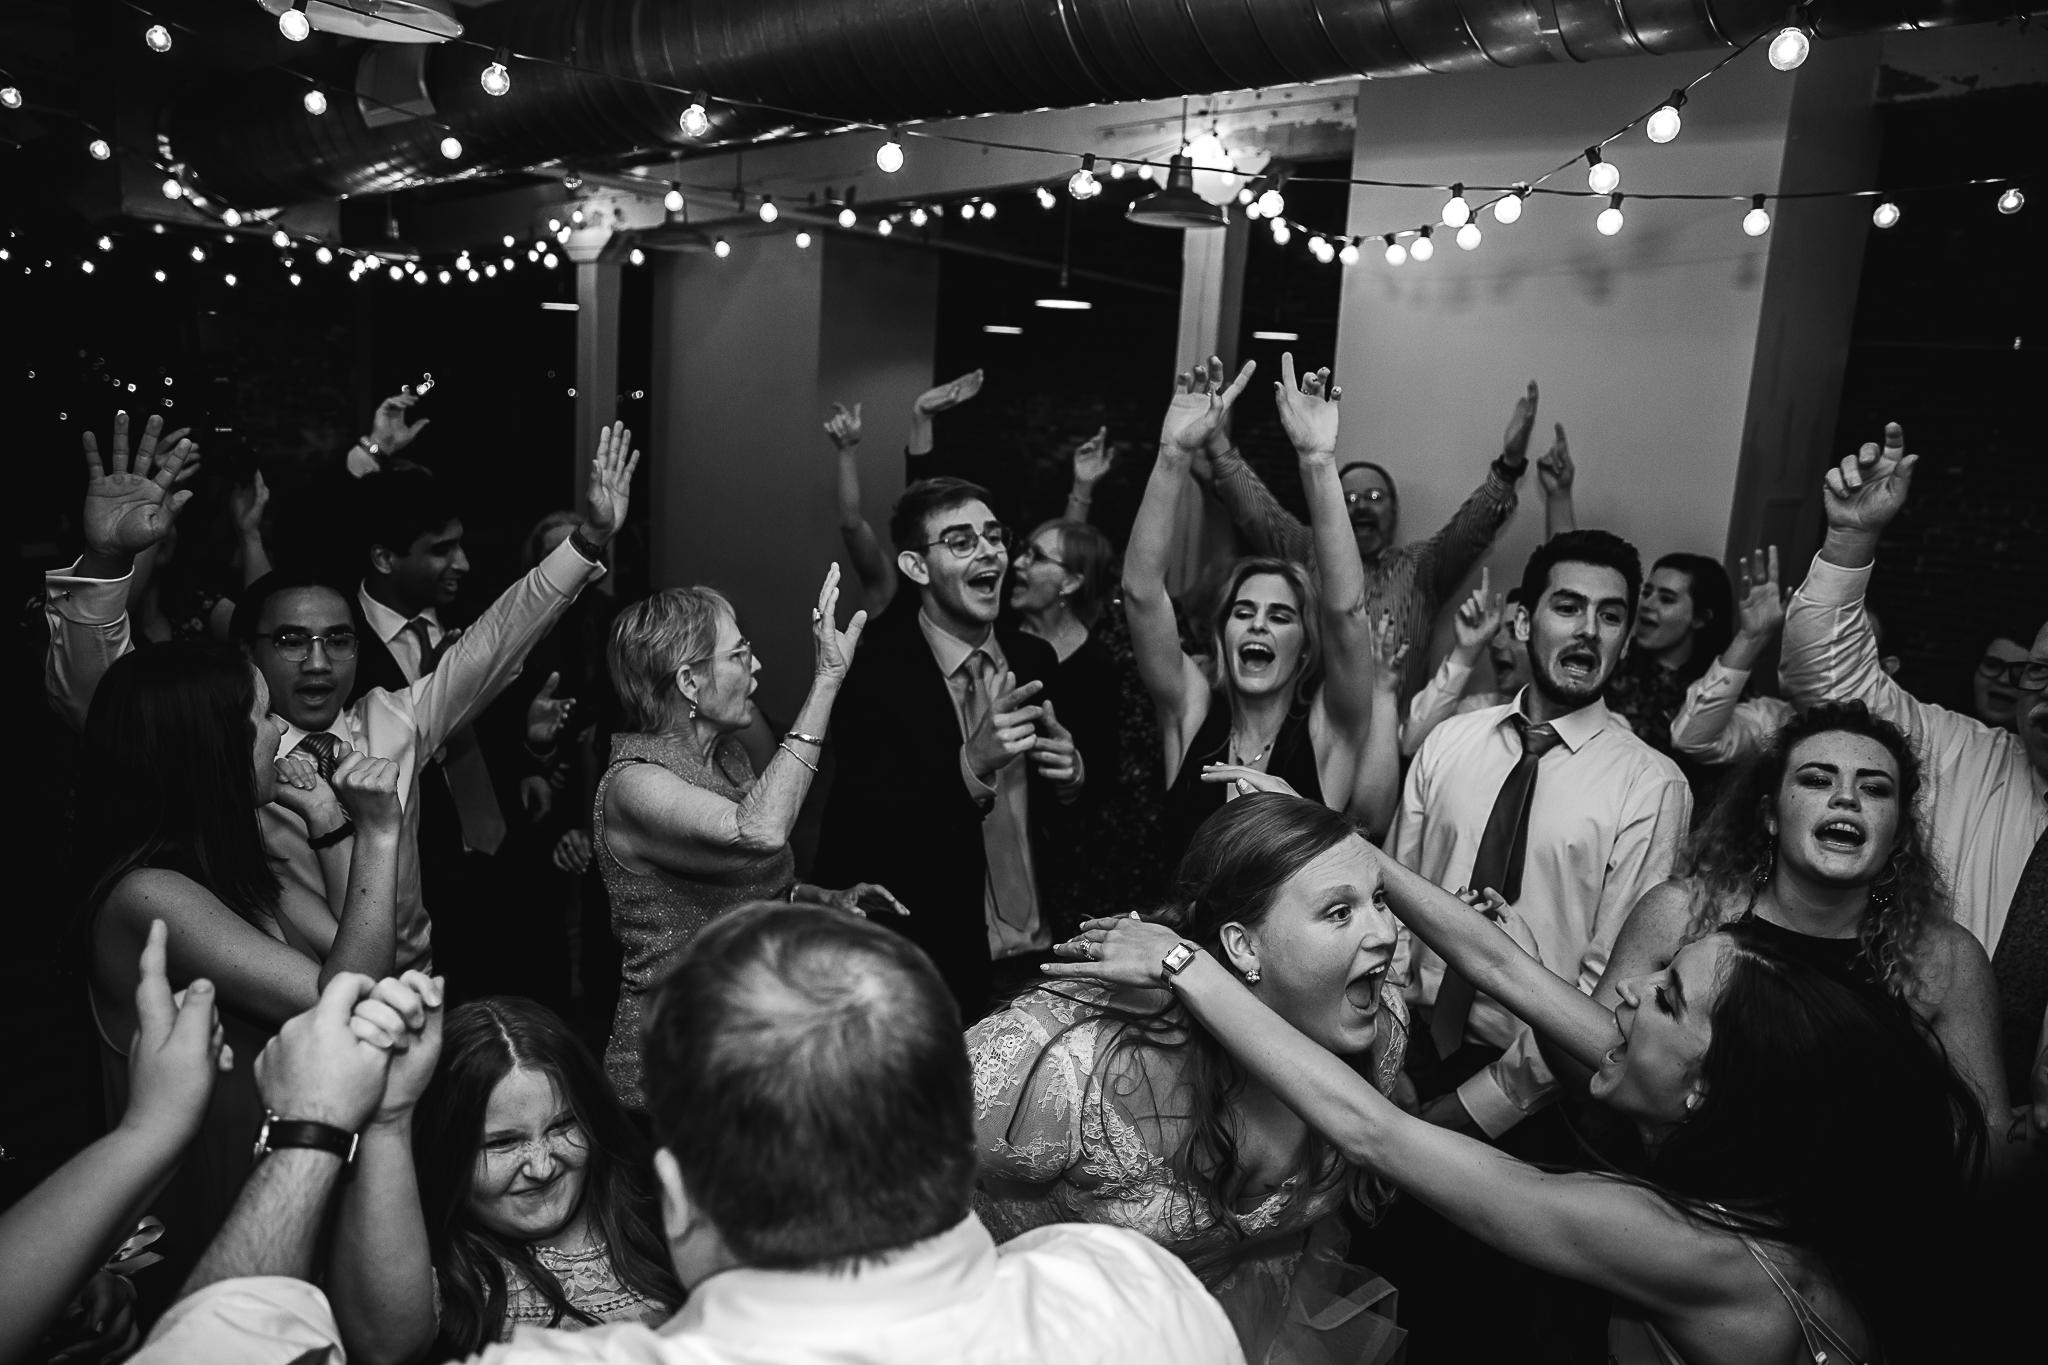 downtownmemphis-409southmain-wedding-brianandgeorgia-11.jpg